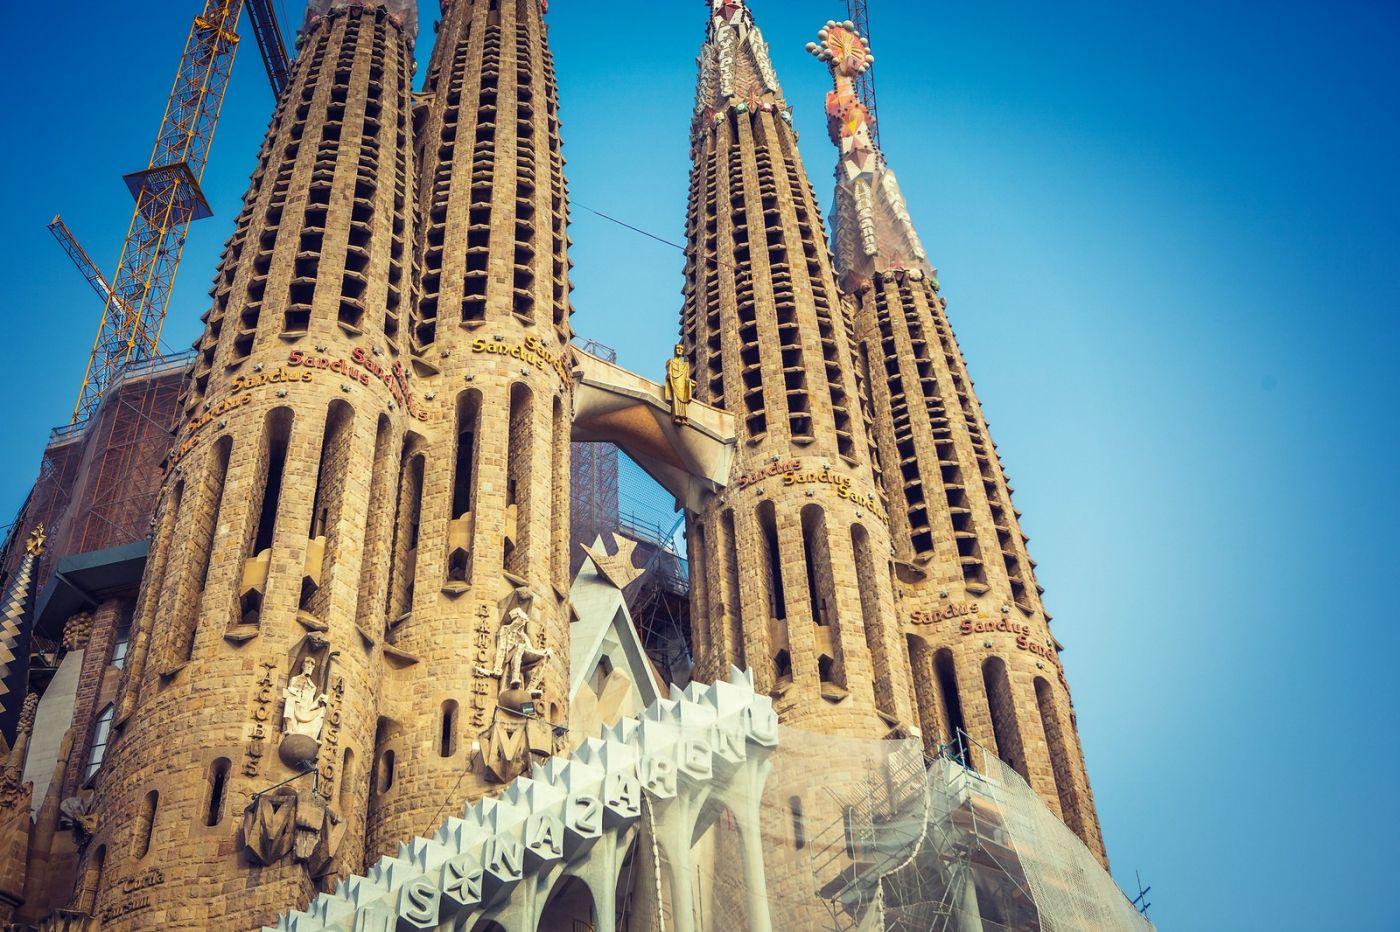 西班牙圣家堂(Sagrada Família),百年还未完工的世界遗产_图1-4